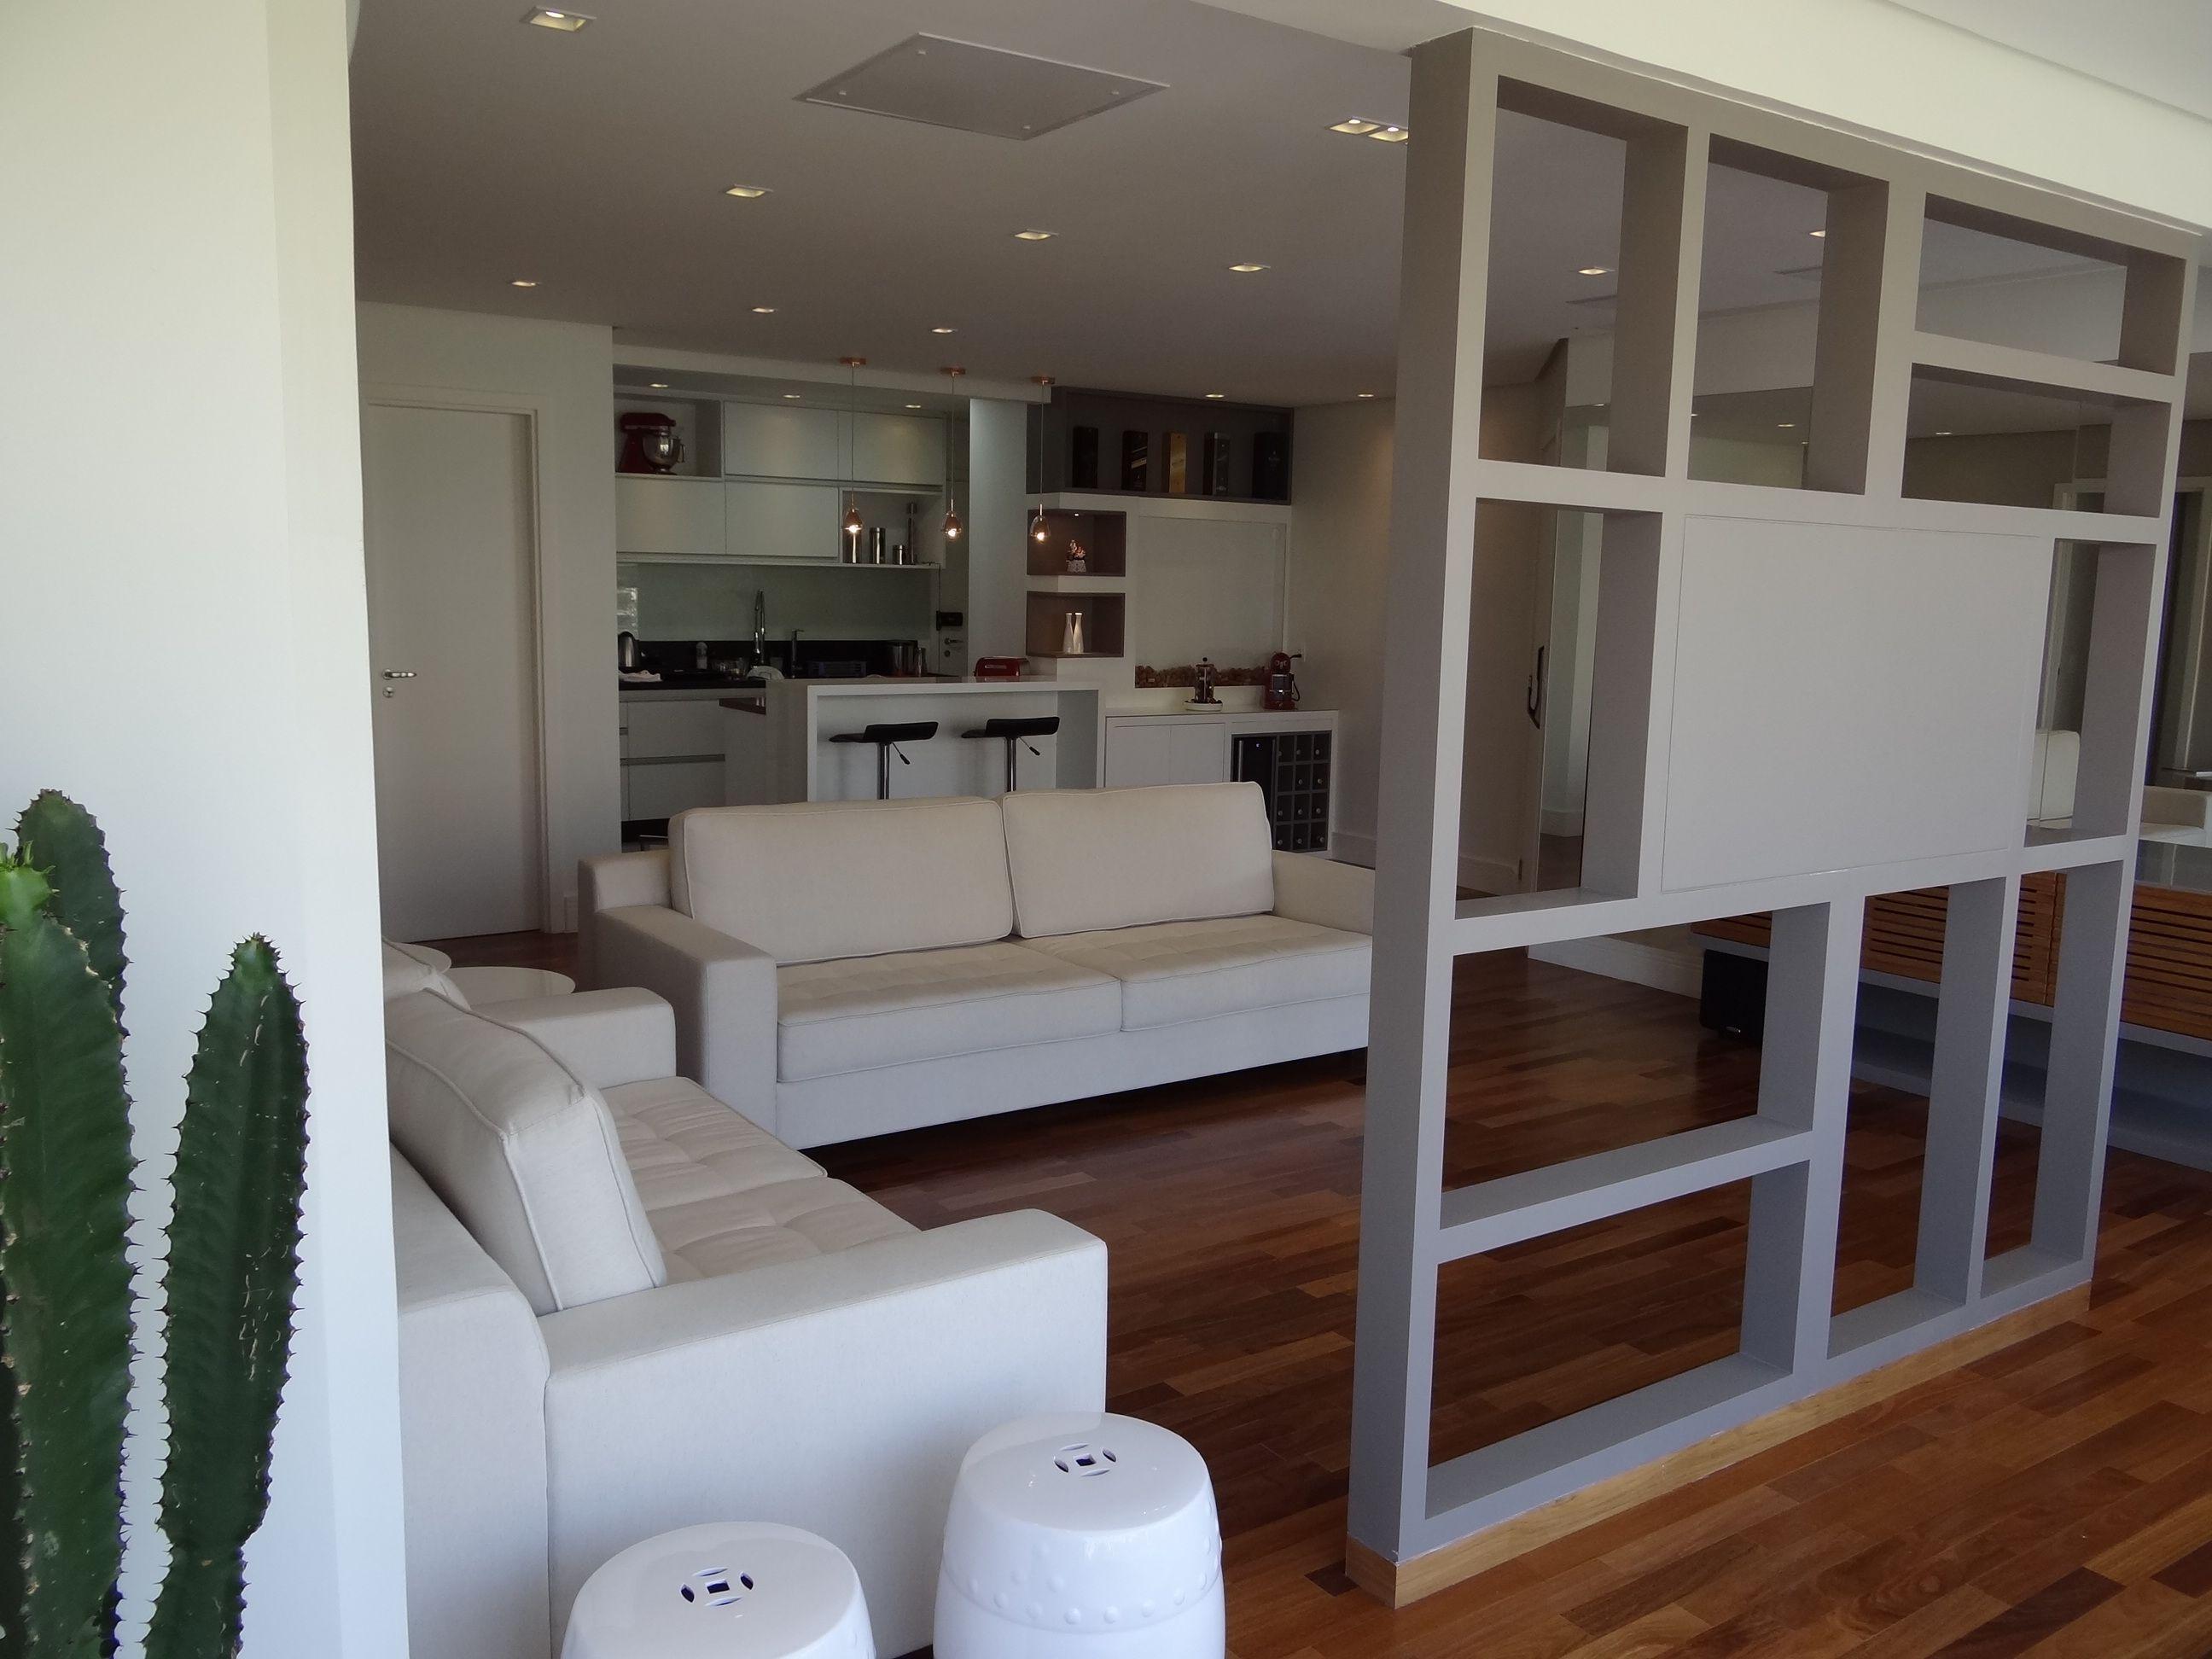 Divis Ria Vazada Com Tv Entre A Sala E A Varanda Caju Design De  ~ Divisoria Para Cozinha E Sala